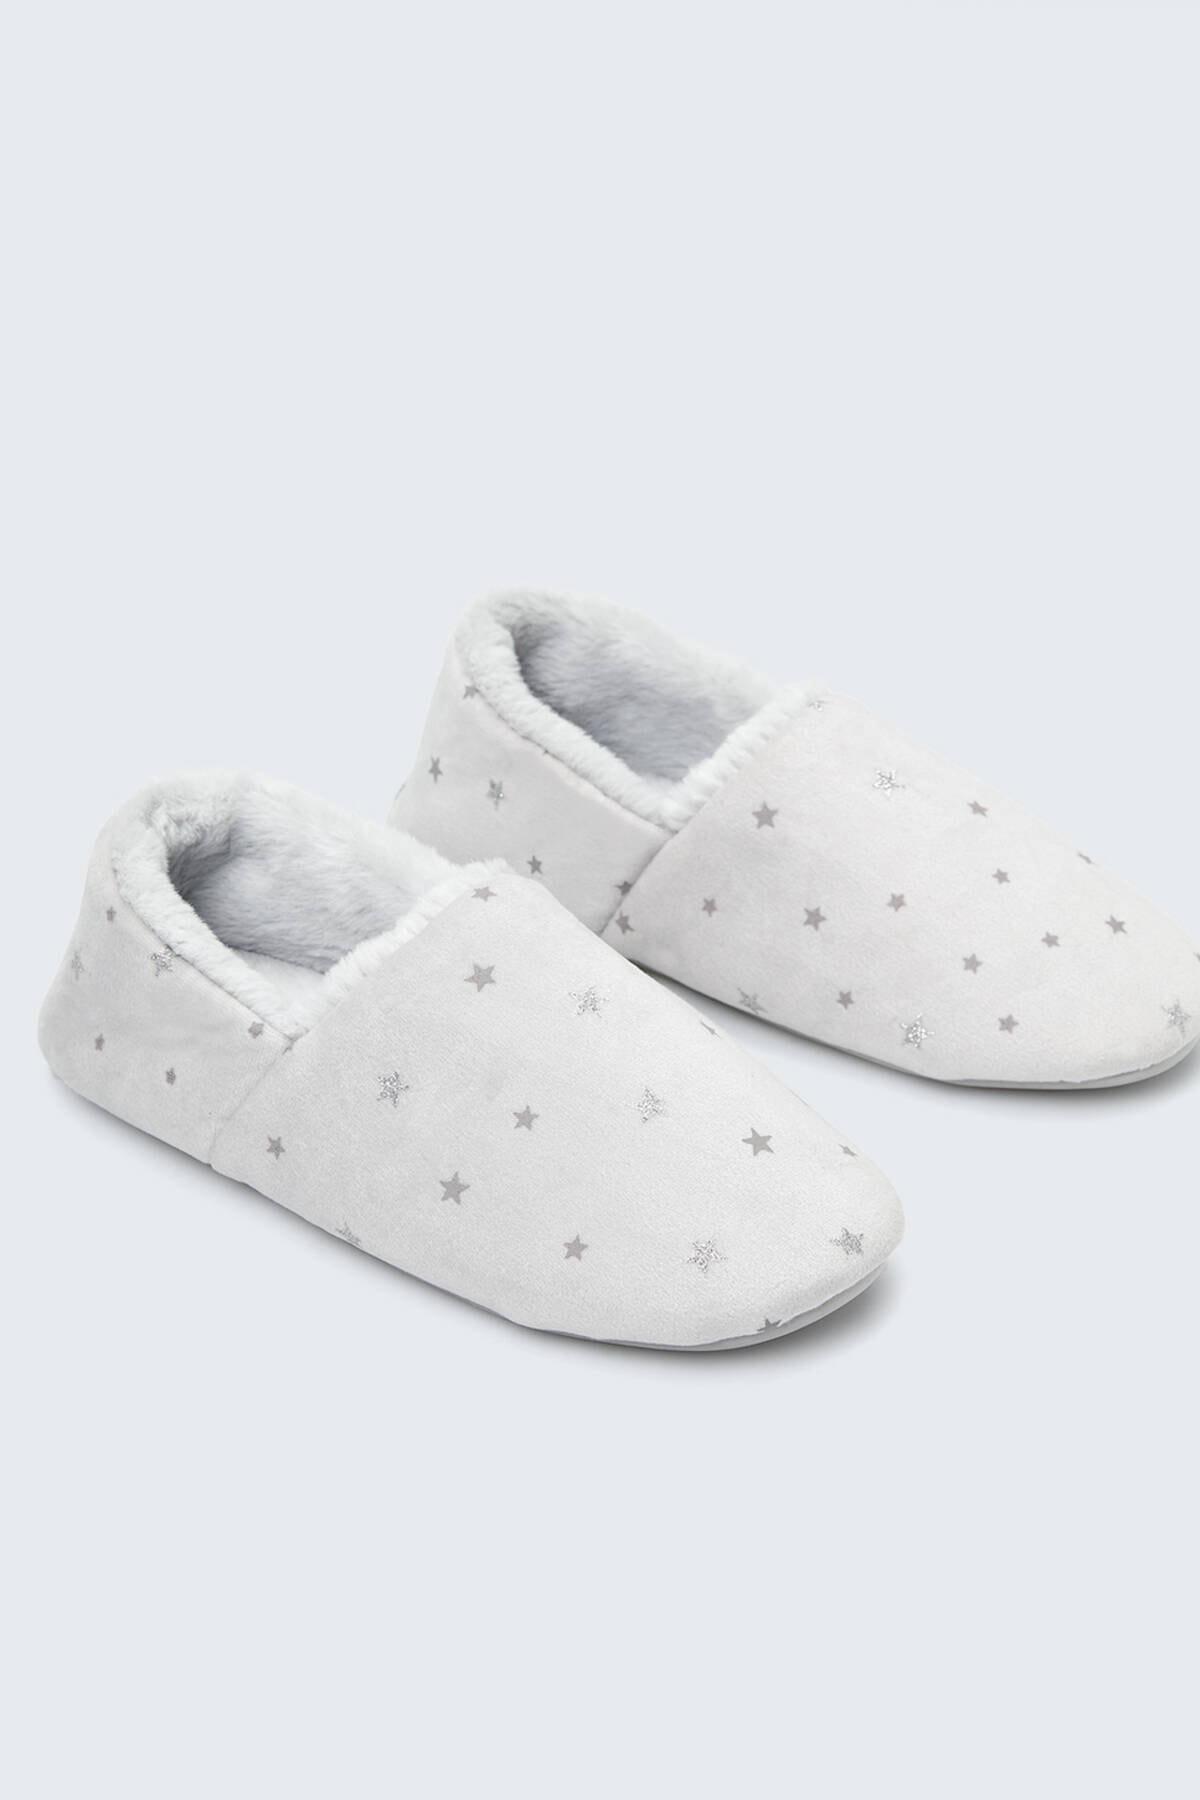 Oysho Kadın Gri Yıldızlı Ev Ayakkabısı 1